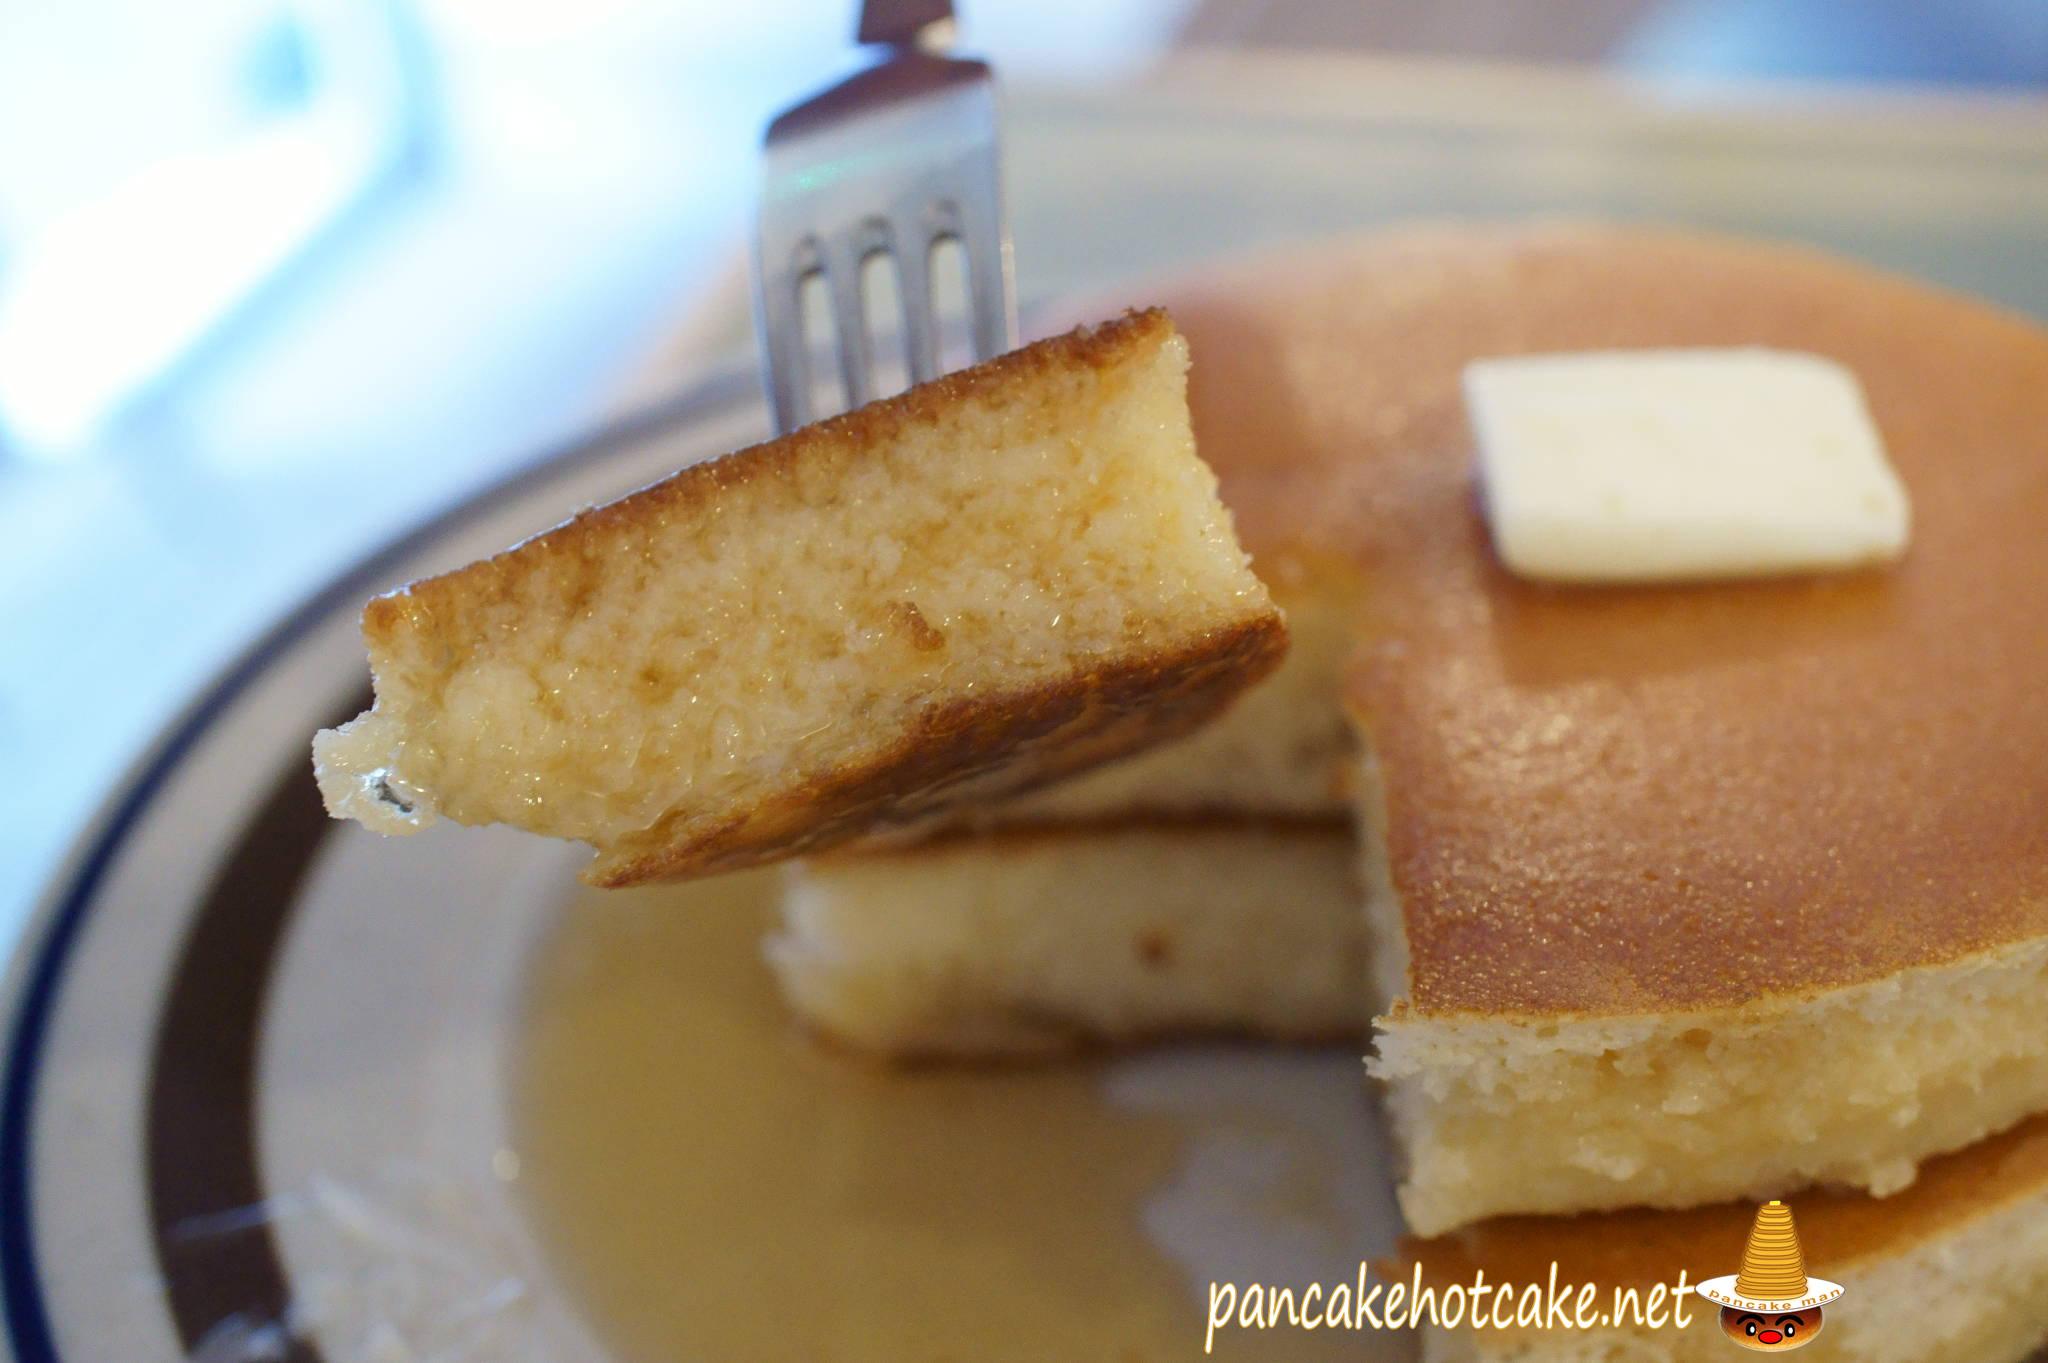 ホットケーキの断面にシロップをたっぷり染み込ます♪月森、大阪